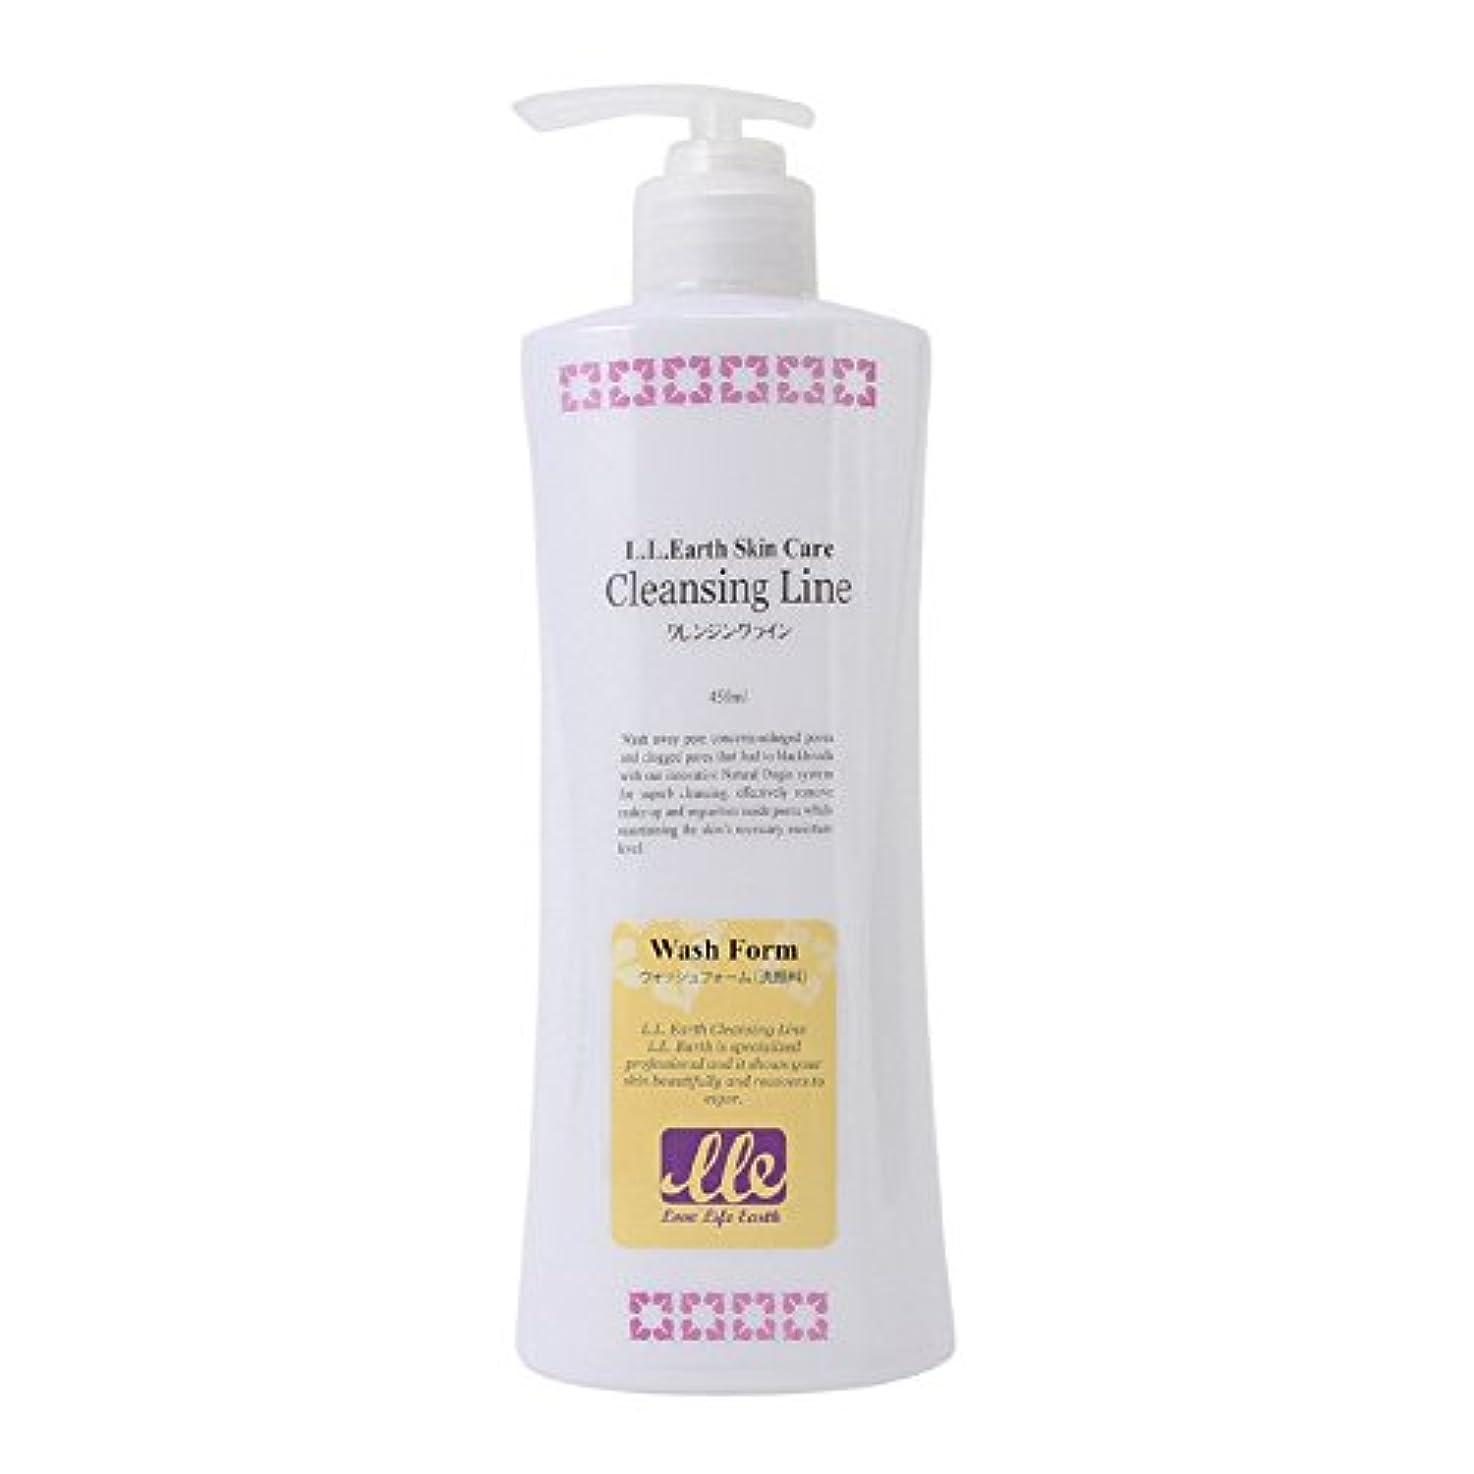 エステ業務用 ウォッシングフォーム 450ml / Cleansing Line Wash Form/洗顔料